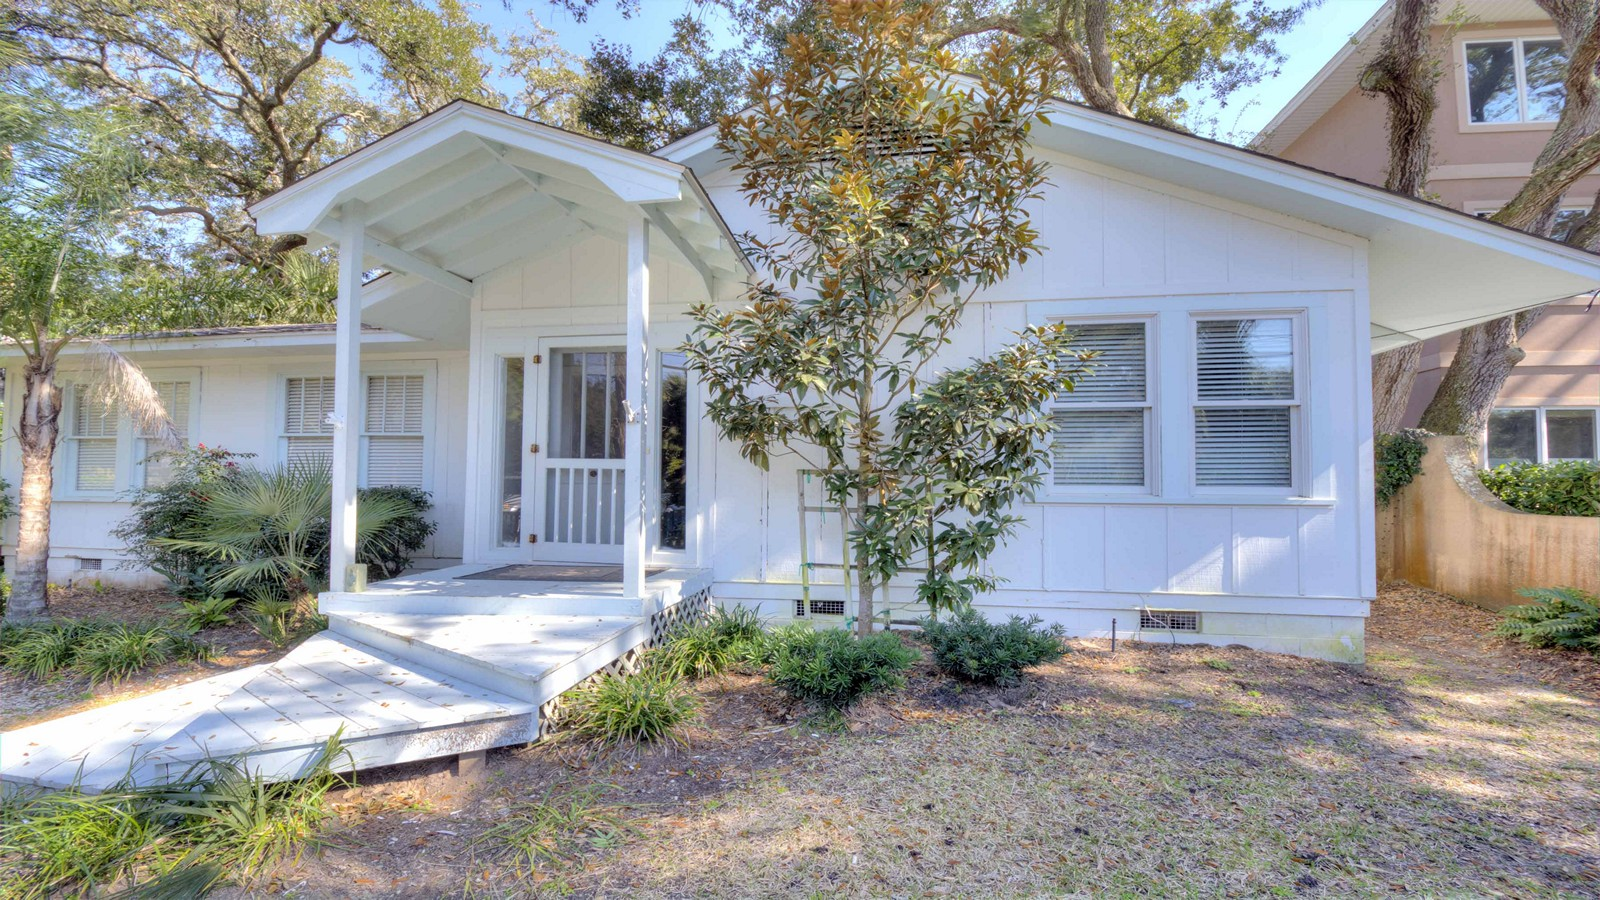 Частный односемейный дом для того Продажа на 1706 Bruce Drive St. Simons Island, Джорджия, 31522 Соединенные Штаты